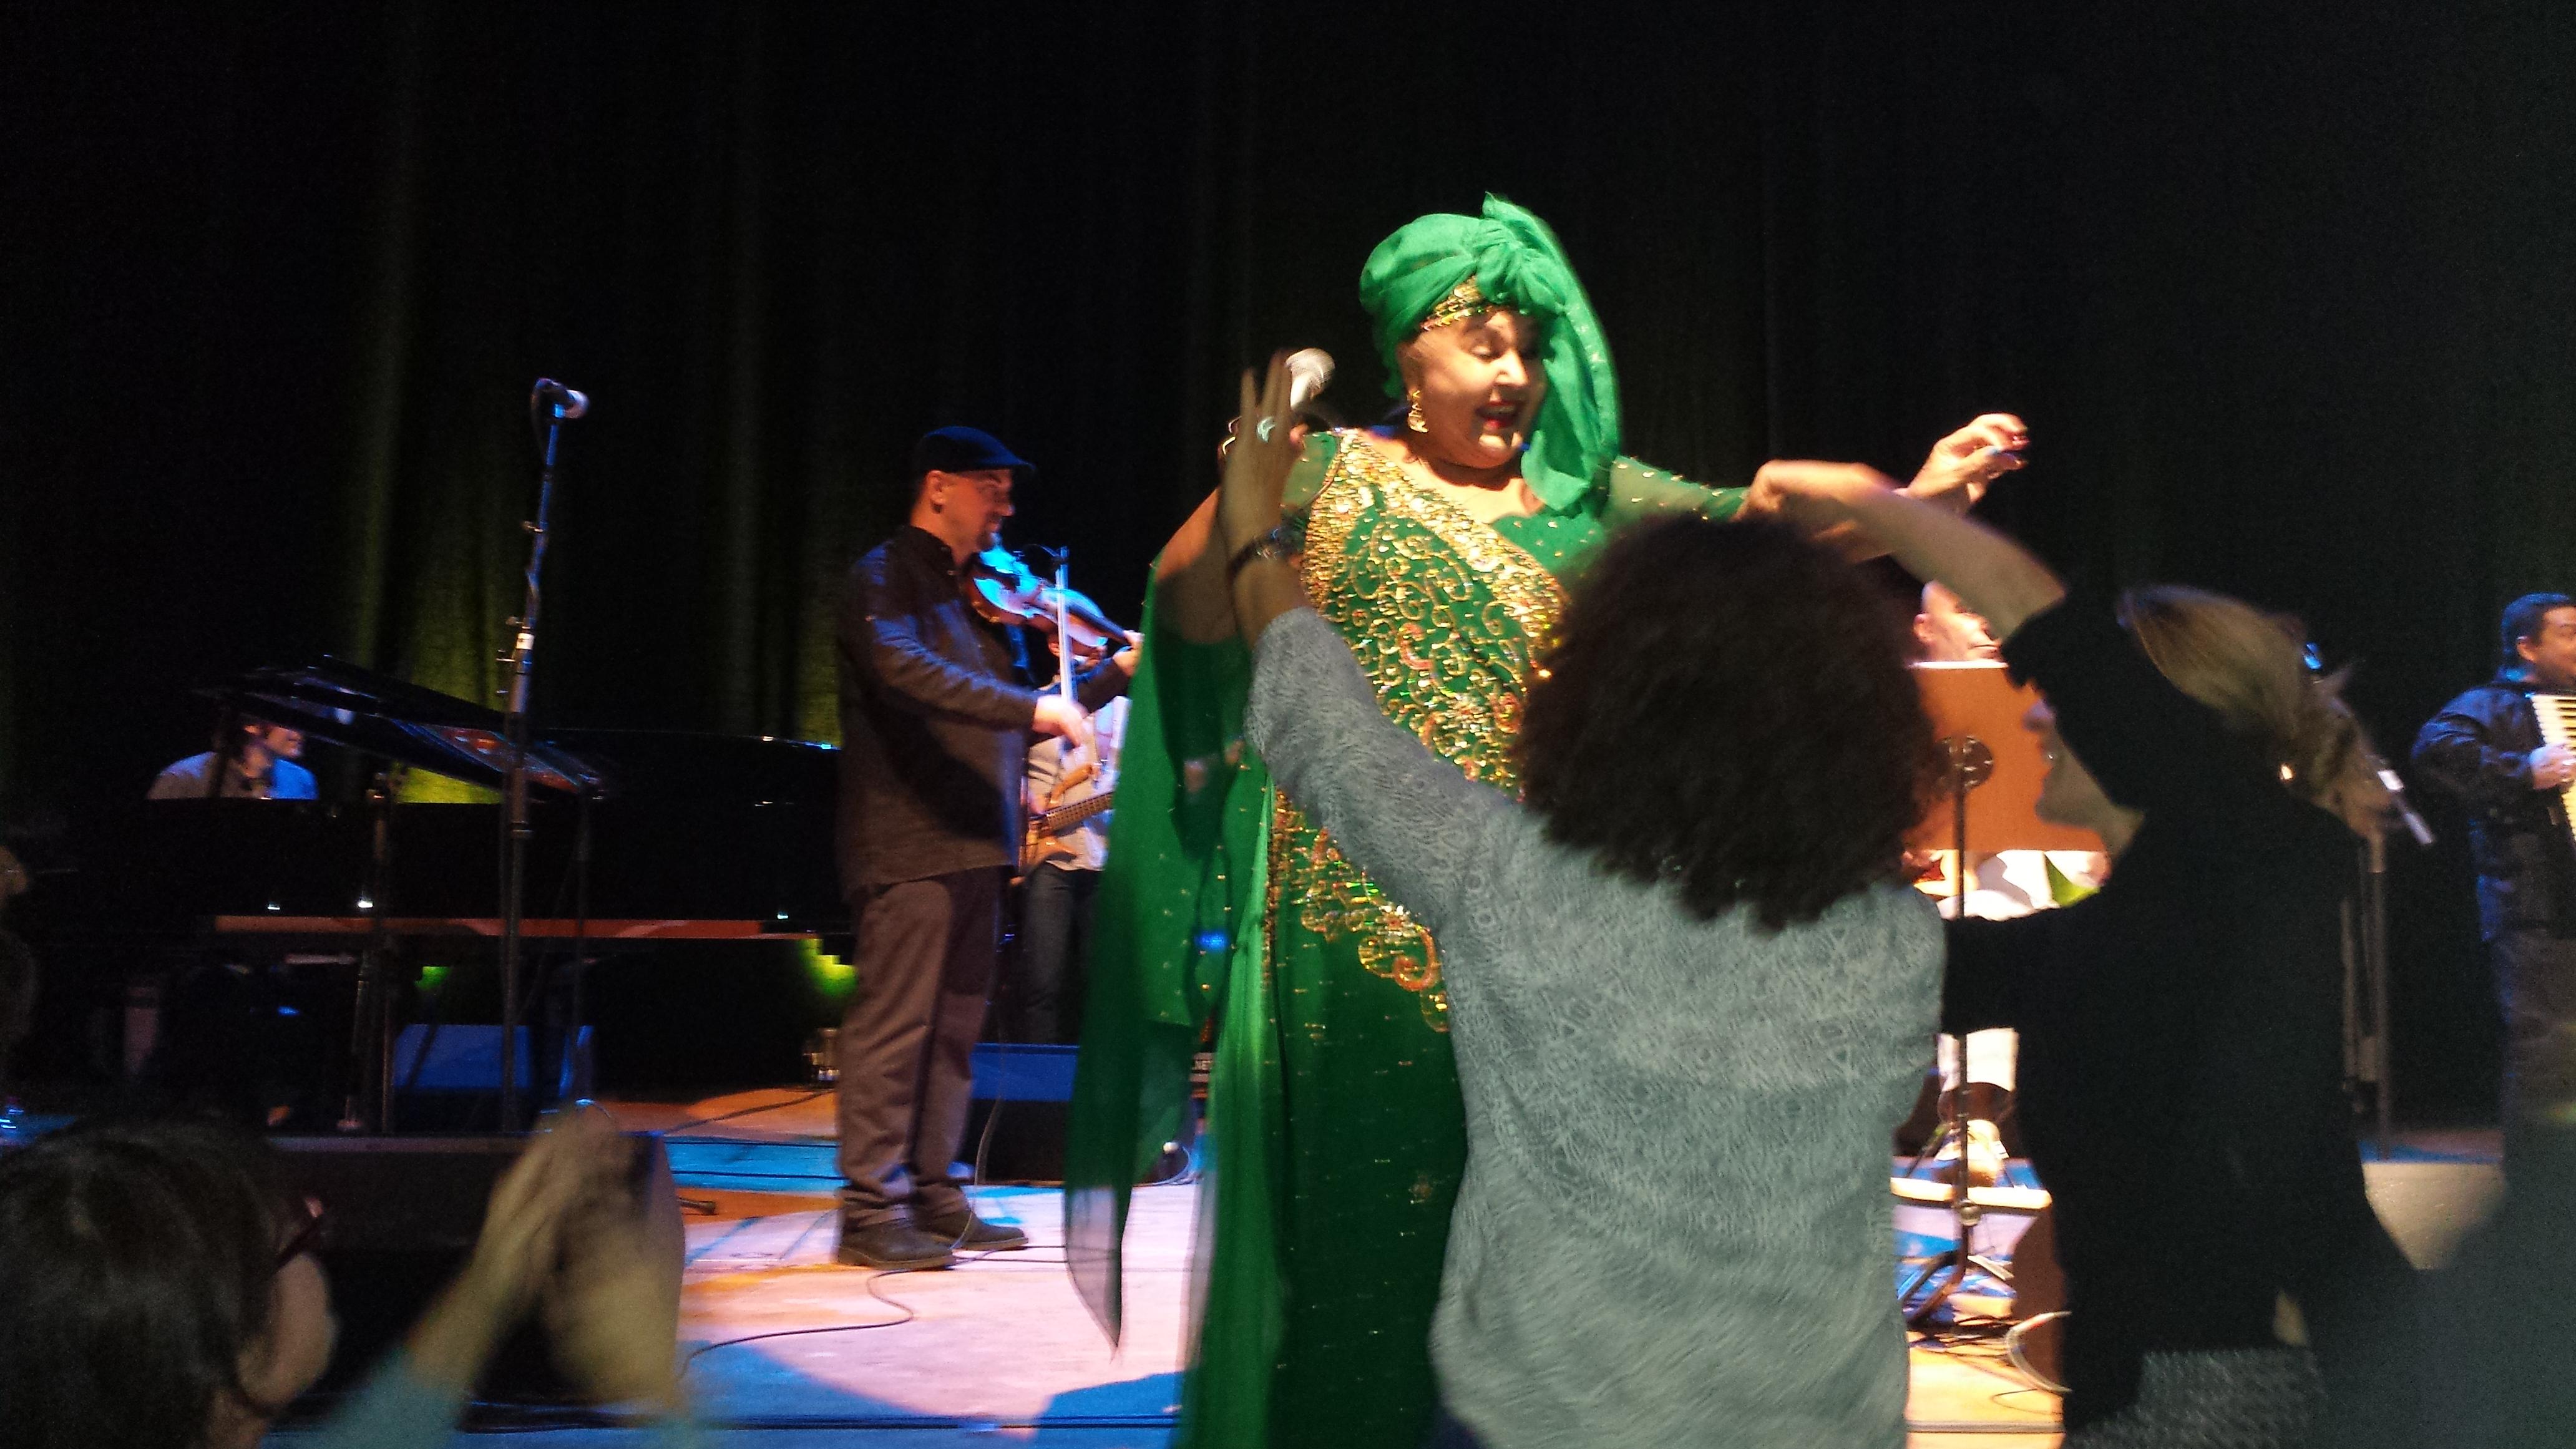 Begeisterte zum Abschluss des 2. Roma-Kulturfestival in Dortmund: Esma Redzepova, die Köinigin der Roma-Musik; Foto: Claus Stille